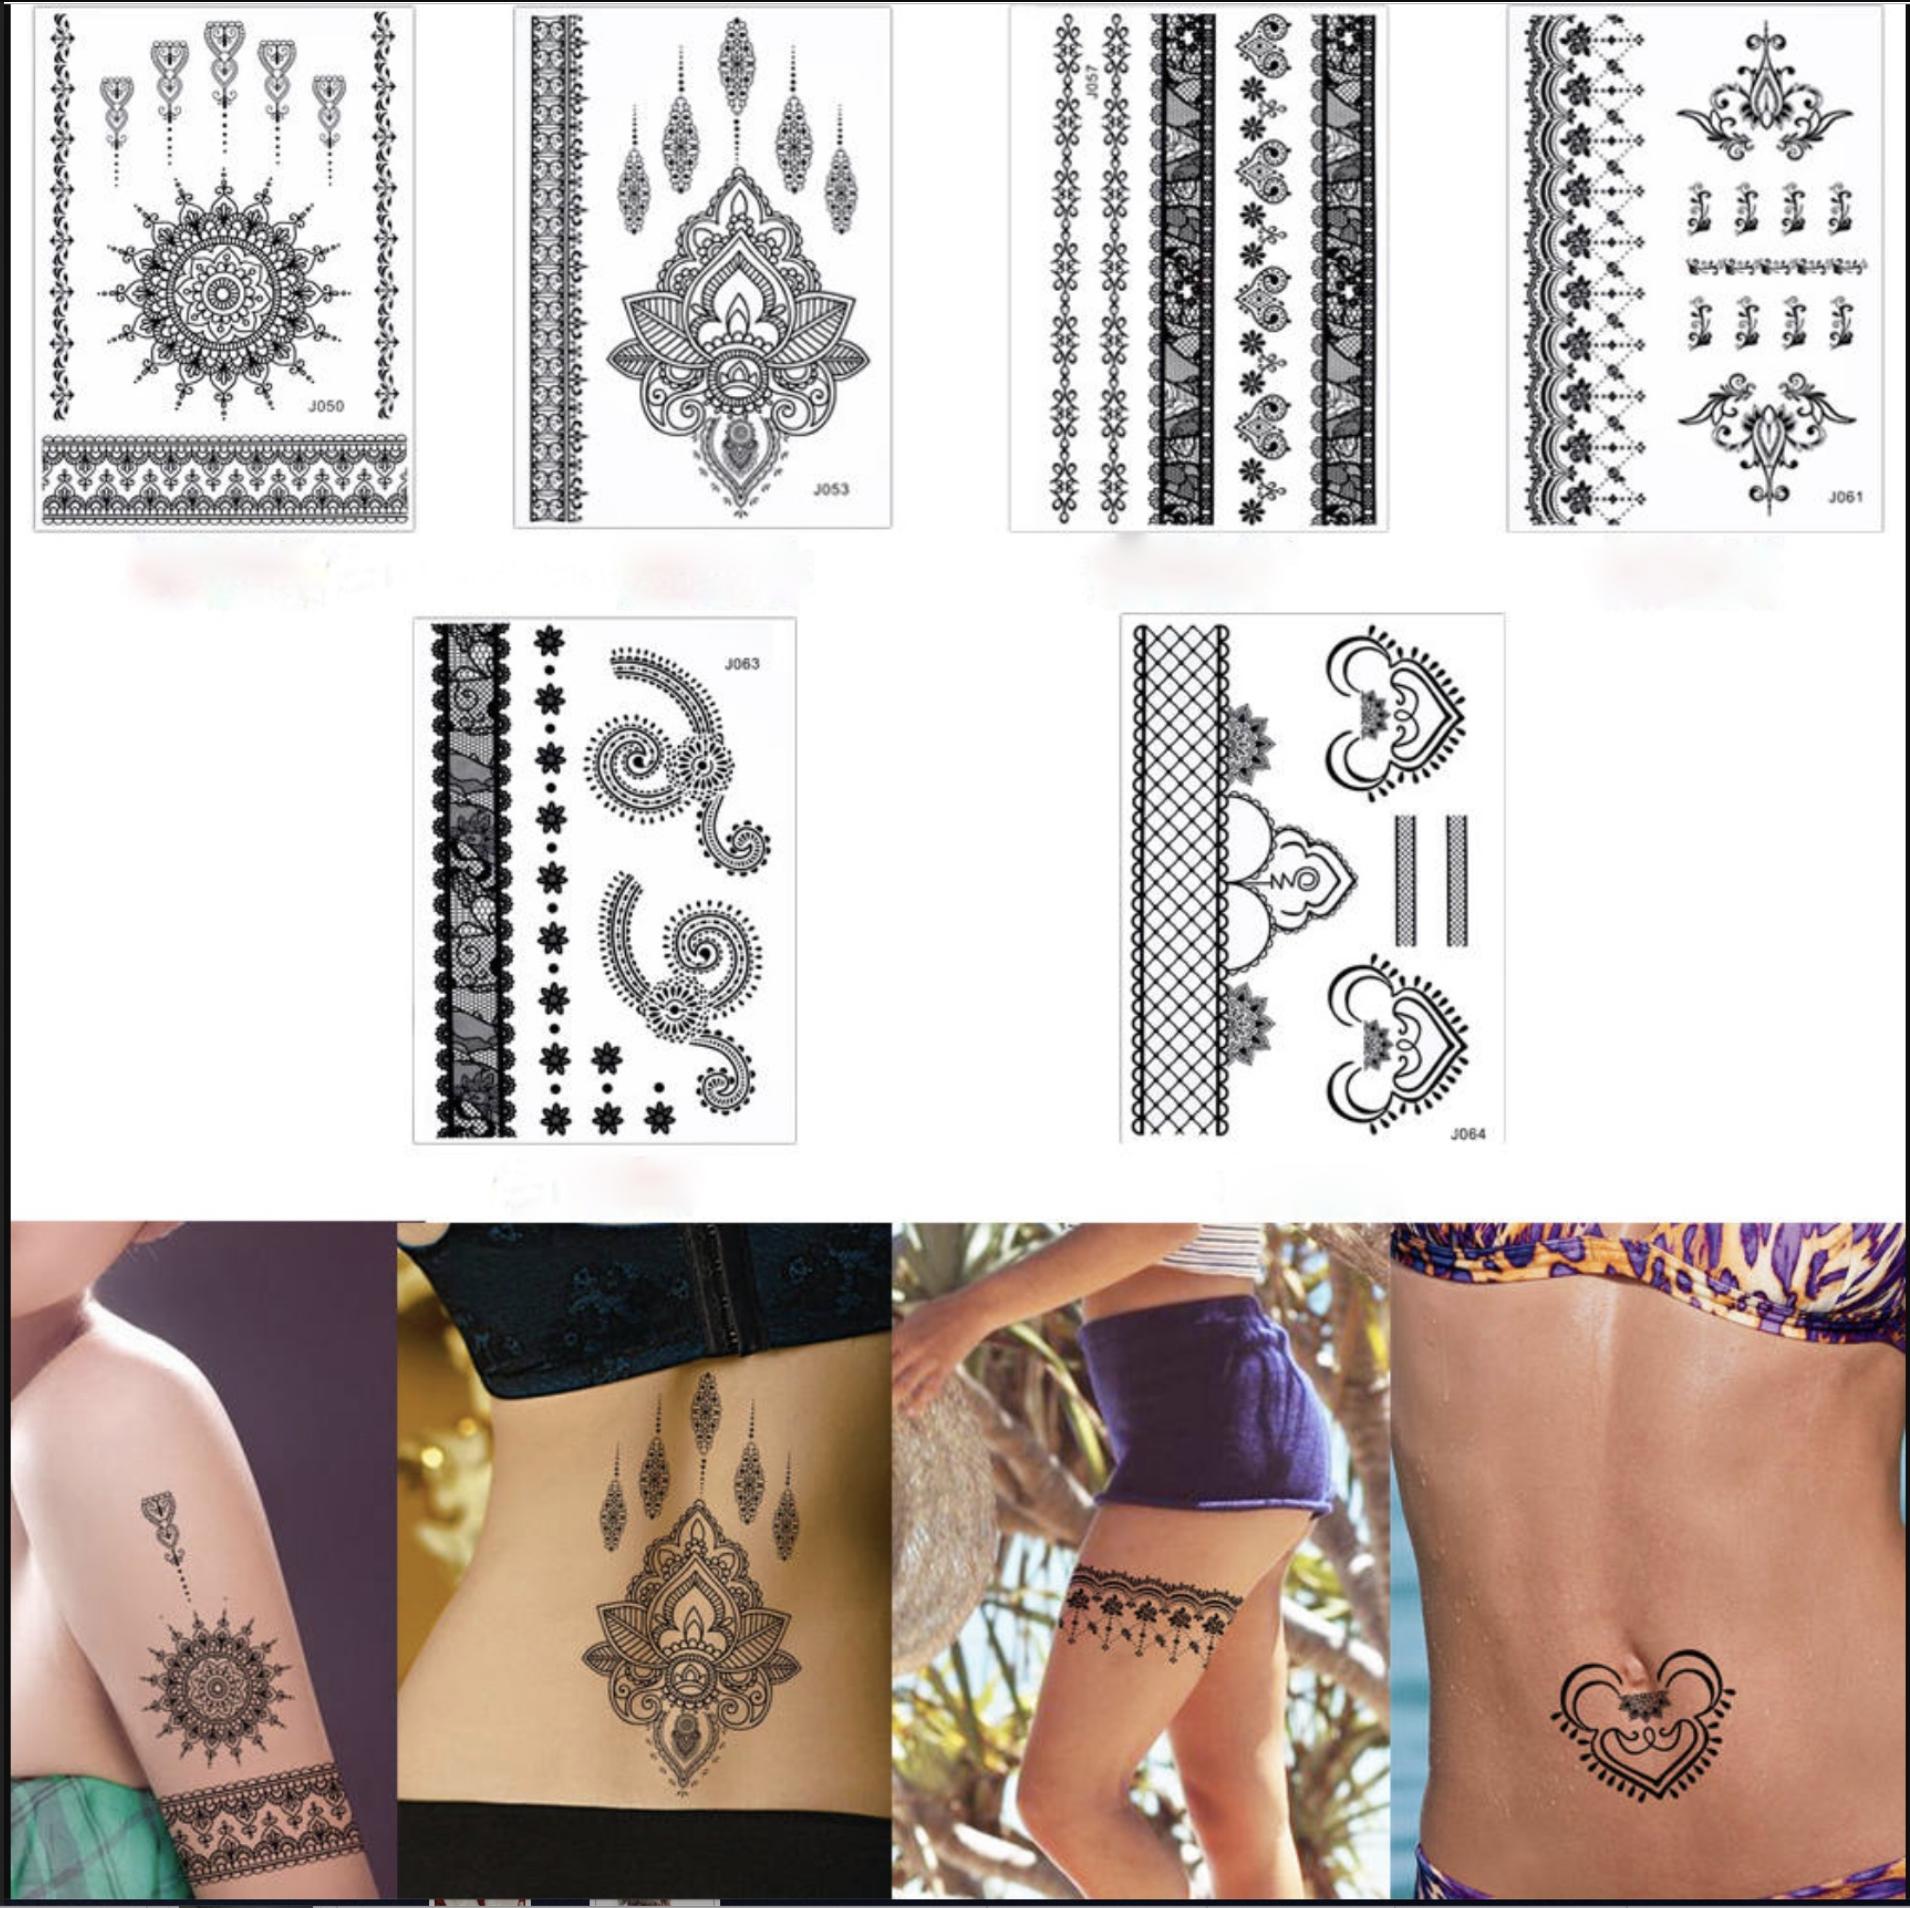 Tatouage temporaire Lot de 6 planches Tattoomiddle0091